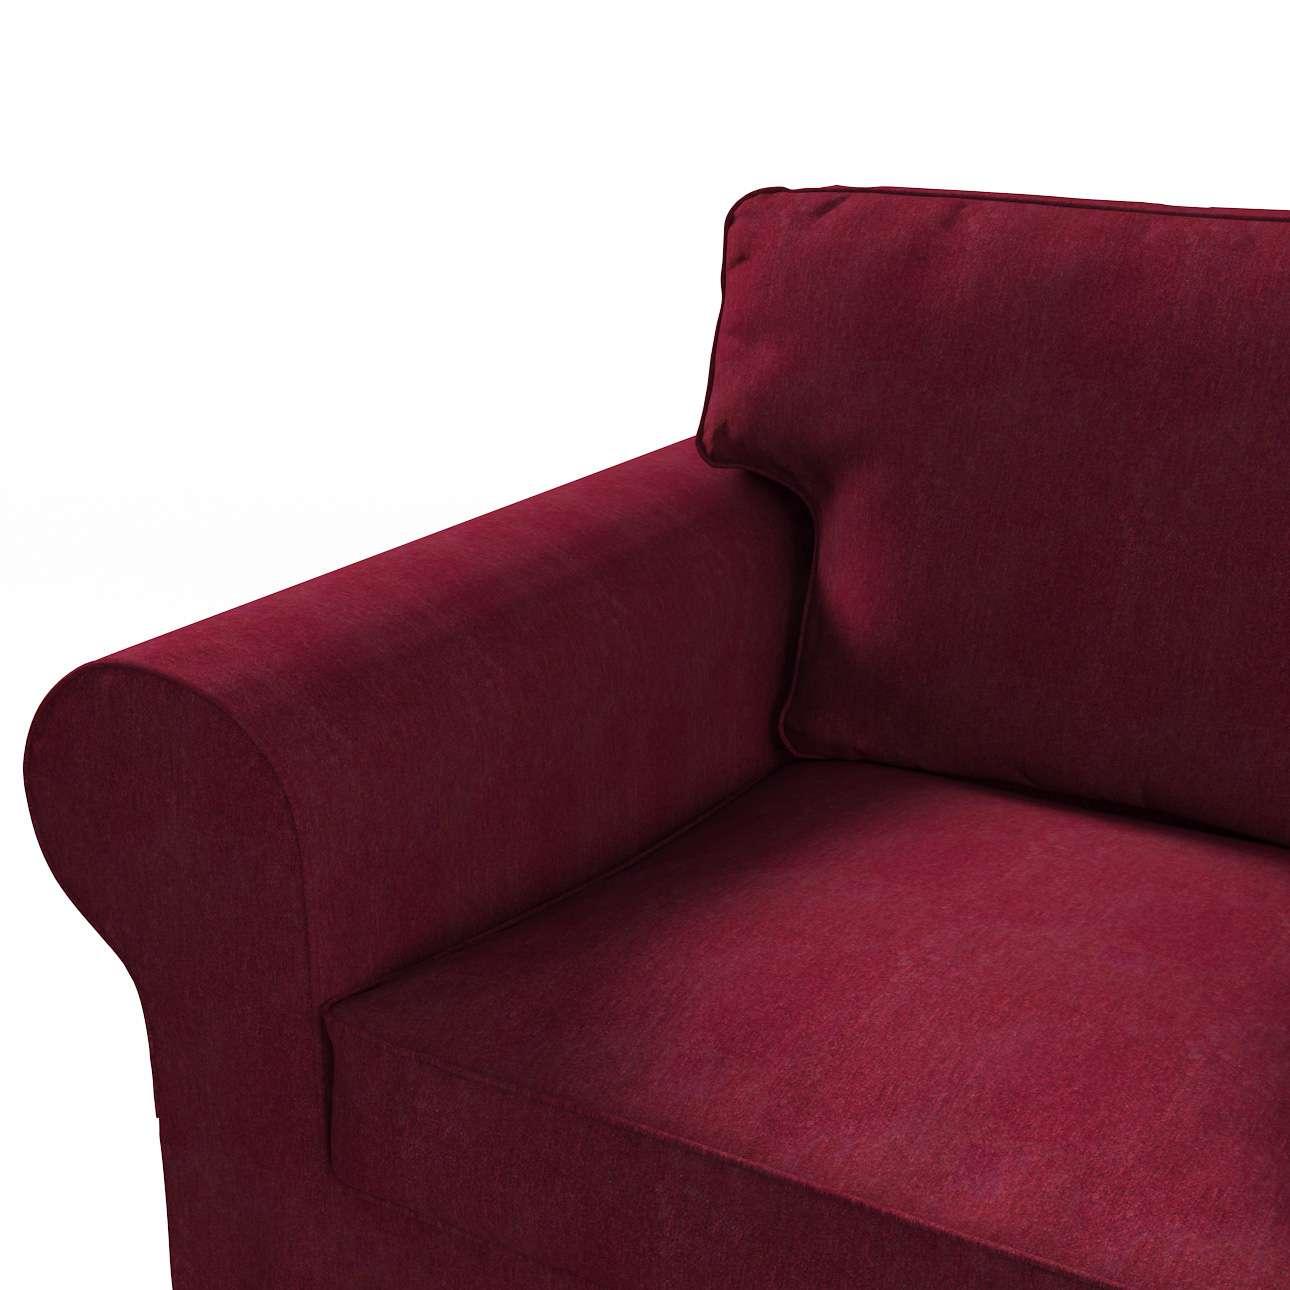 Ektorp trivietės sofos-lovos užvalkalas Ektorp trivietė sofa-lova kolekcijoje Chenille, audinys: 702-19